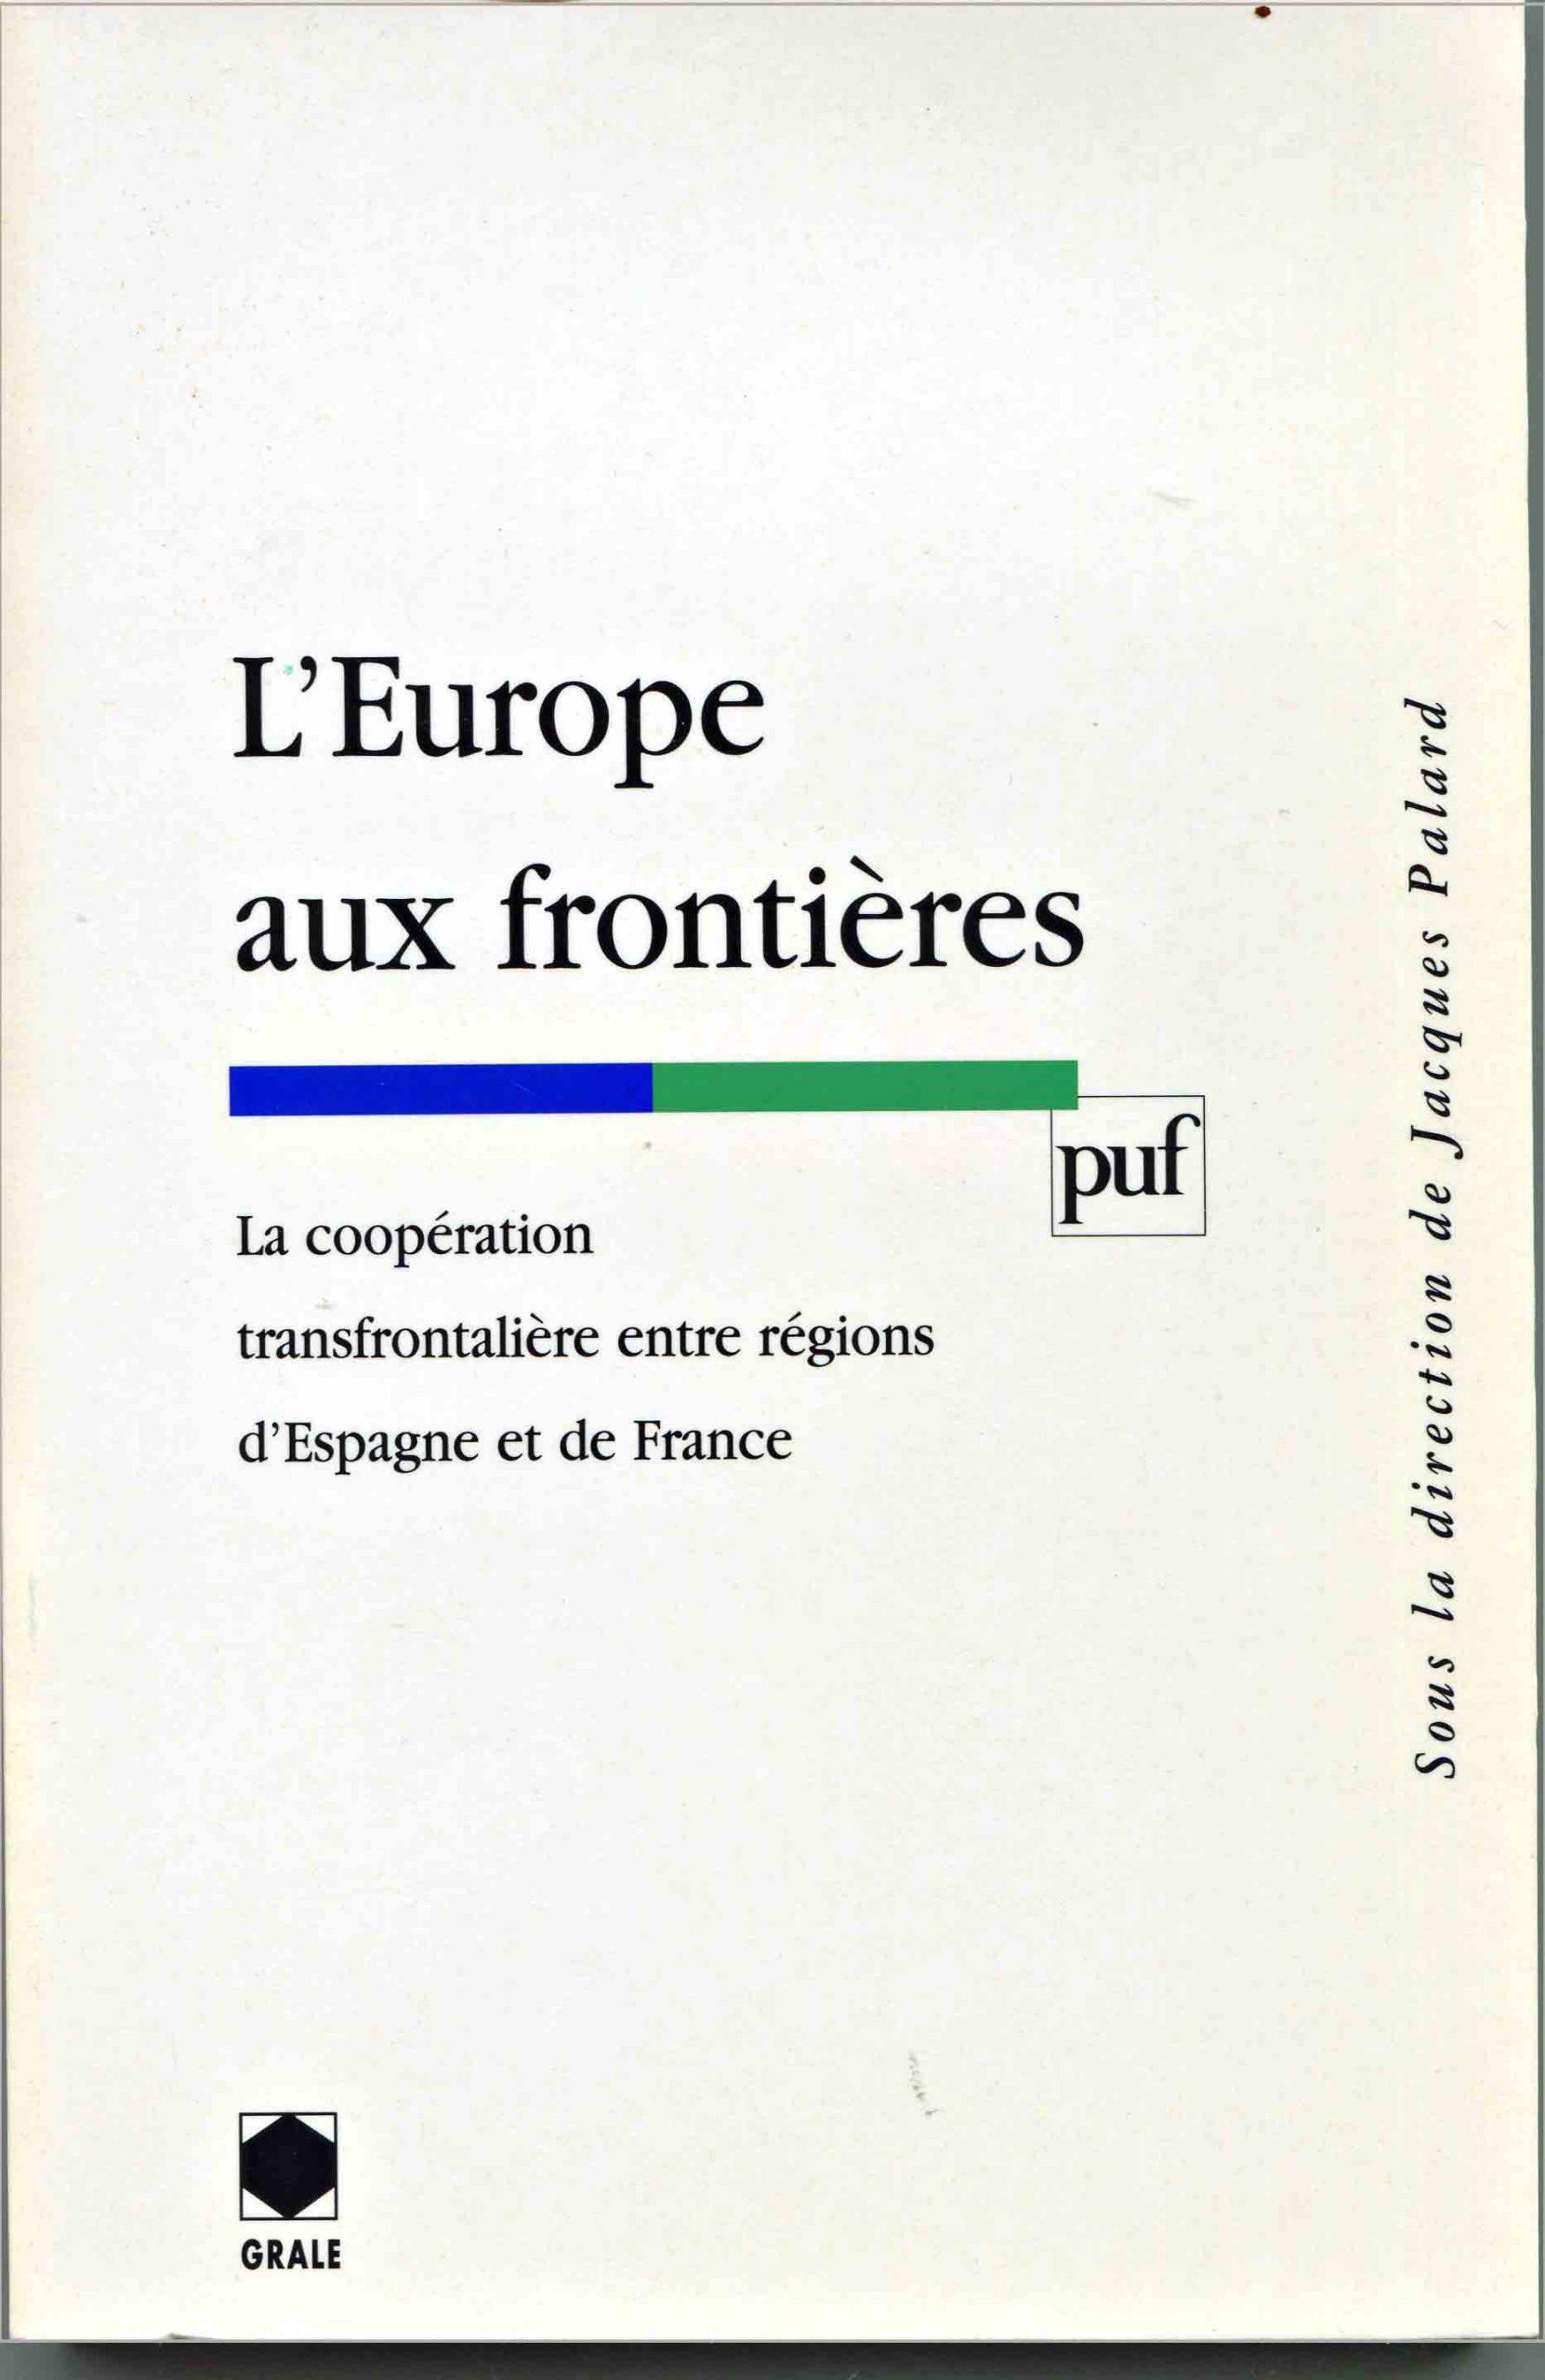 Europe aux frontières (L'). La coopération transfrontalière entre régions d'Espagne et de France